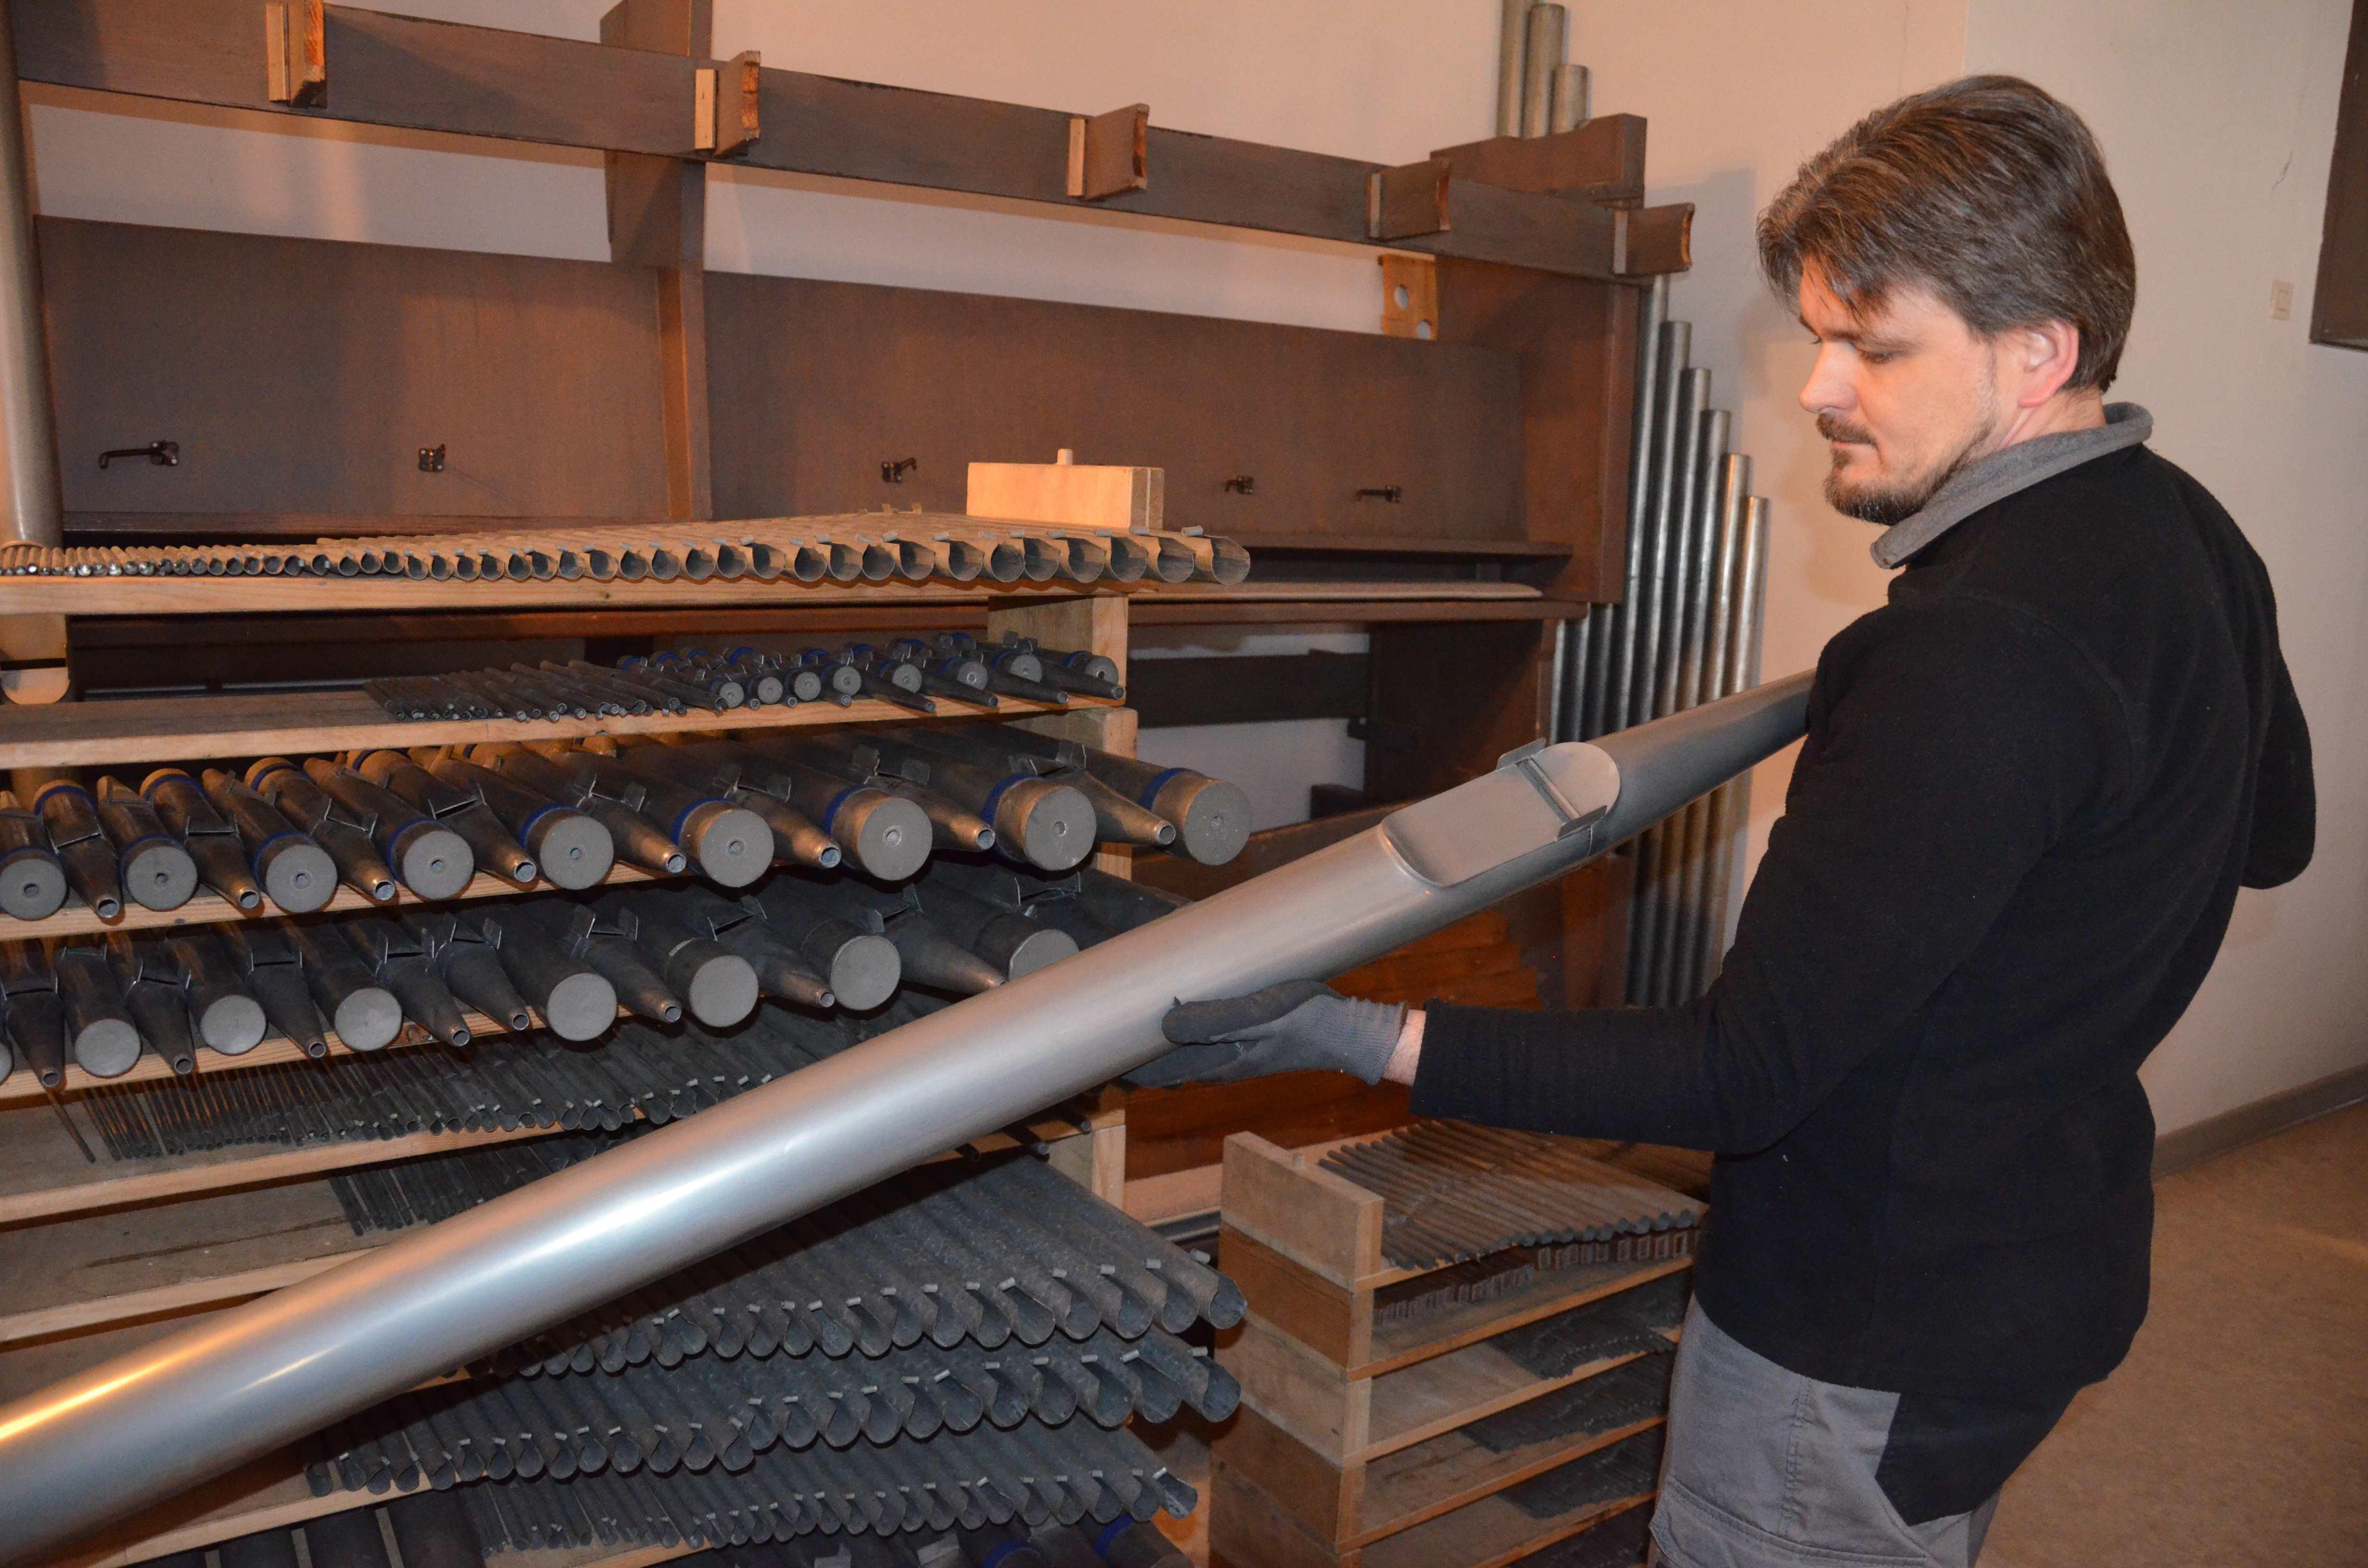 Königin der Instrumente: Reinigung der 1218 Pfeifen und komplette Instandsetzung